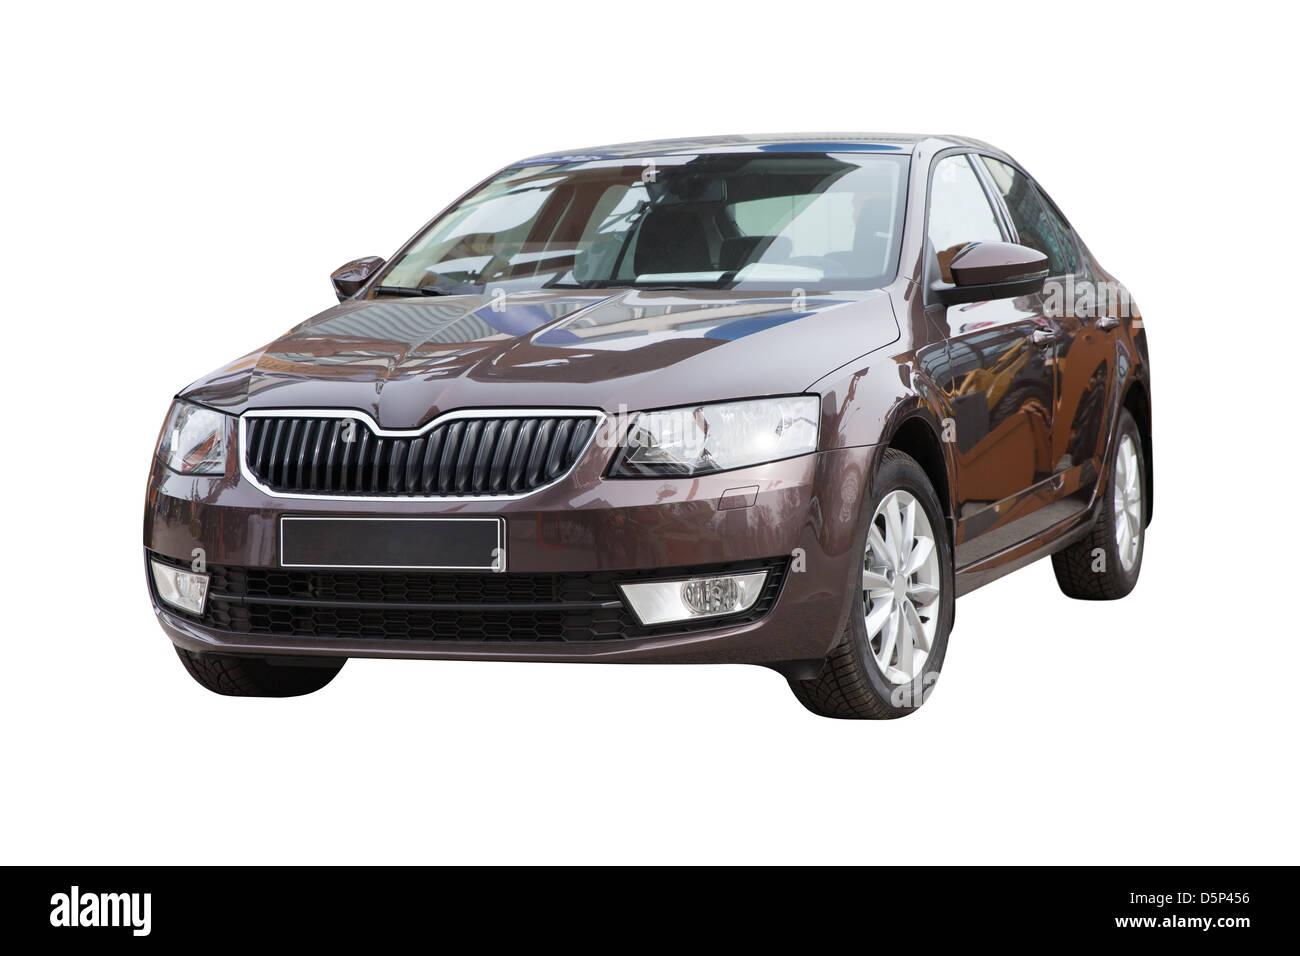 L'avant de la mi-taille moderne voiture familiale (2013) Photo Stock